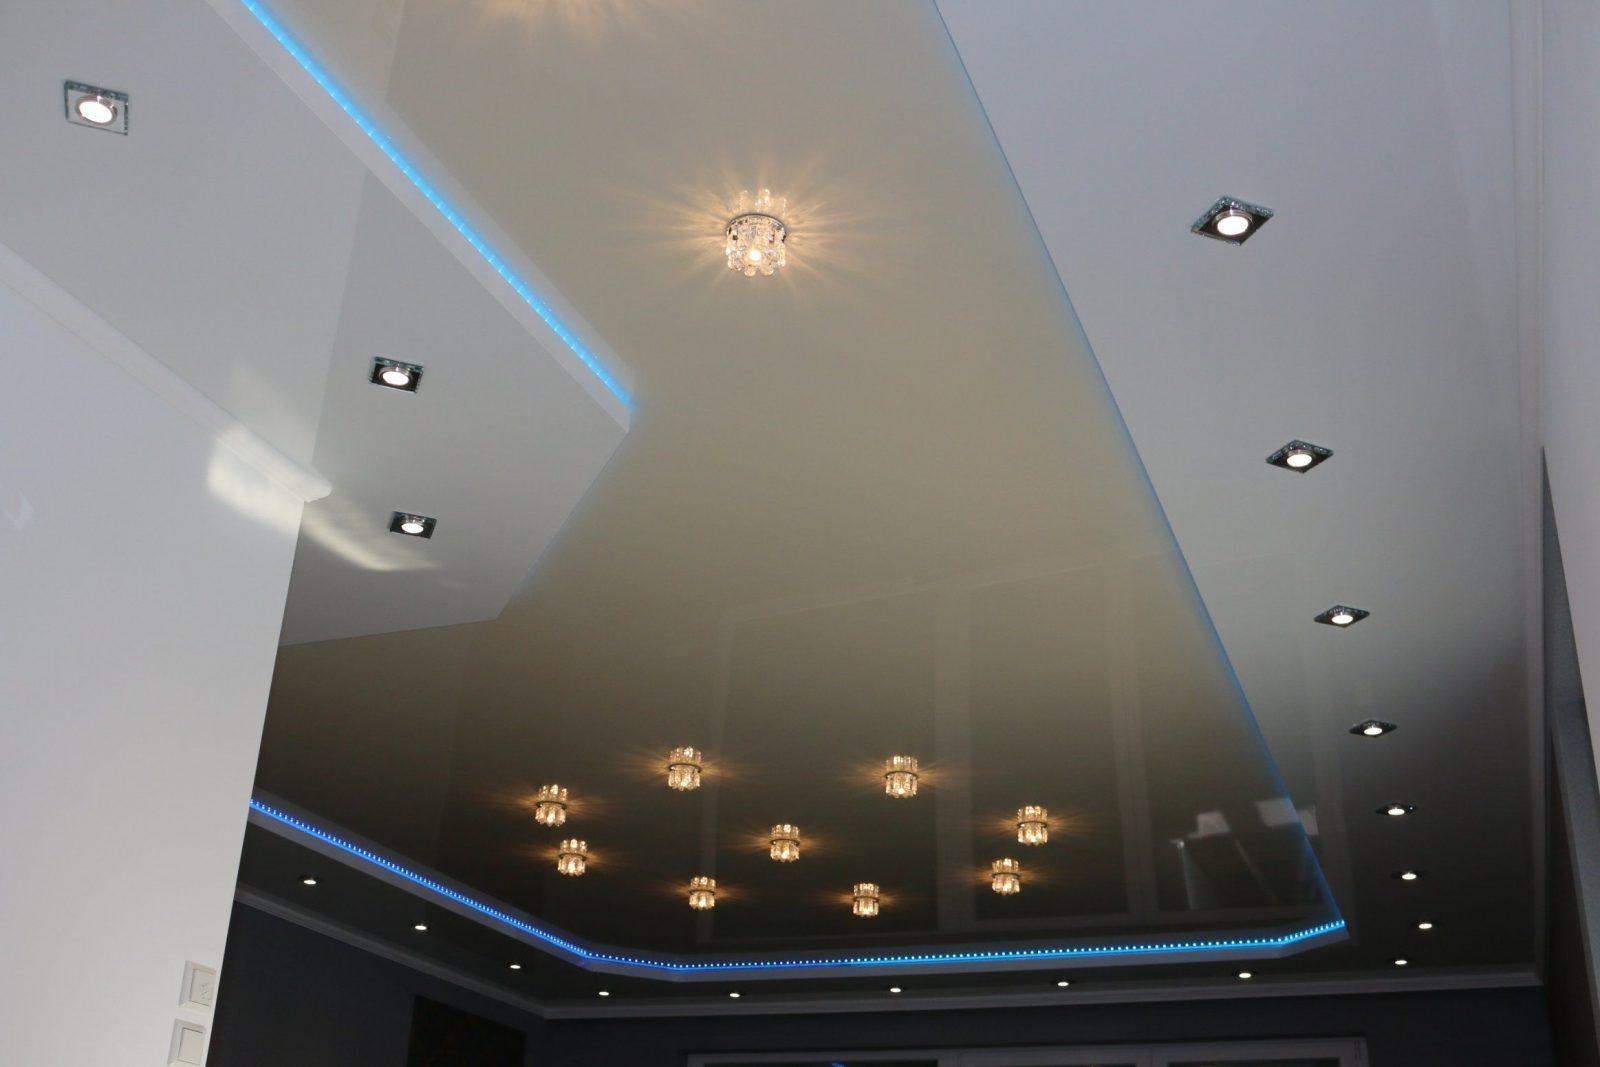 abgeh ngte decke mit indirekter beleuchtung lichtvouten selber machen von abgeh ngte decke. Black Bedroom Furniture Sets. Home Design Ideas